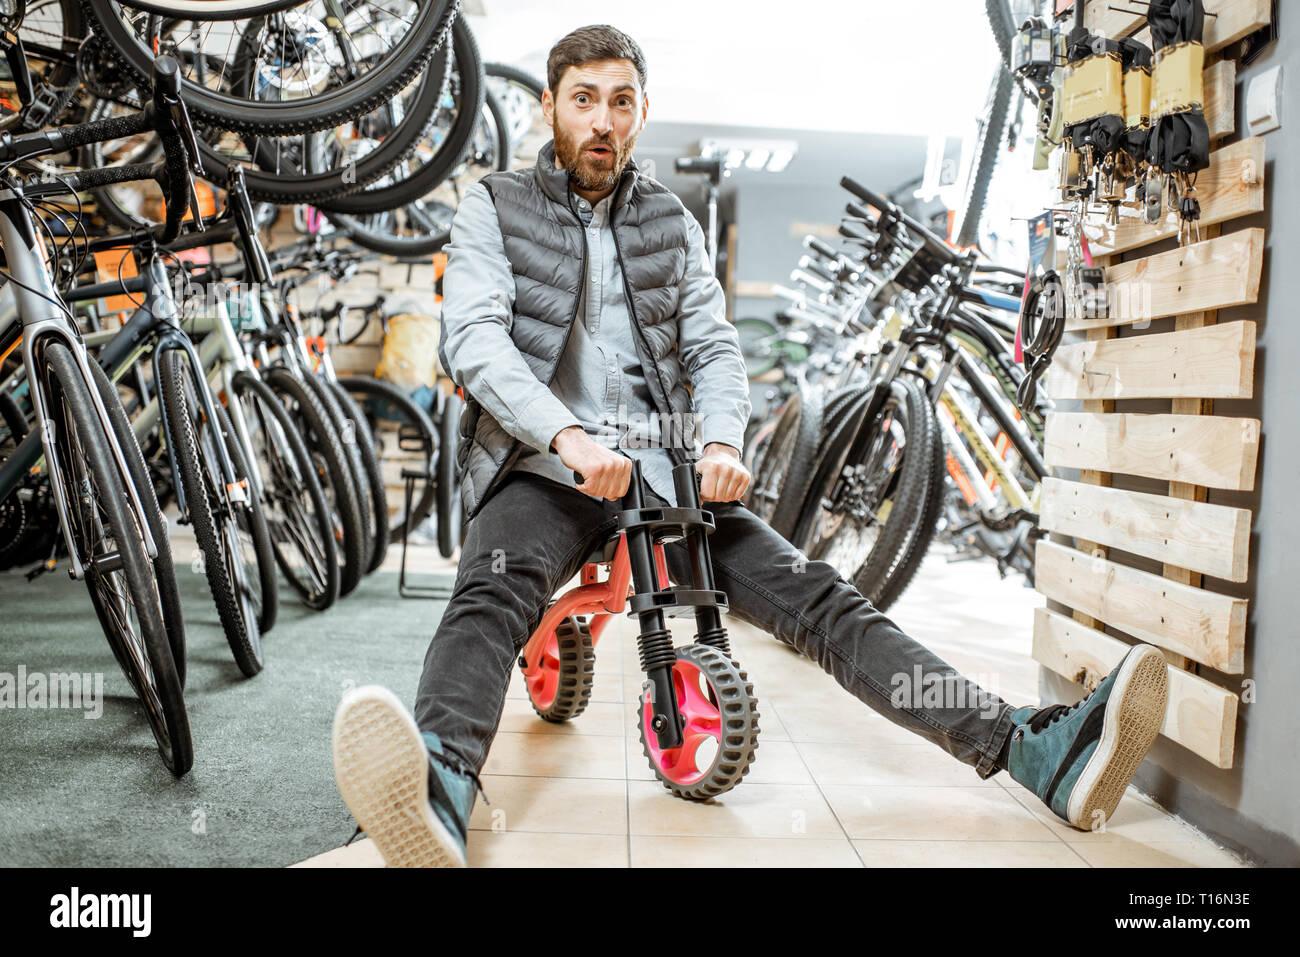 Portrait d'un homme drôle équitation children's location dans le magasin avec les vélos et les équipements sportifs Banque D'Images